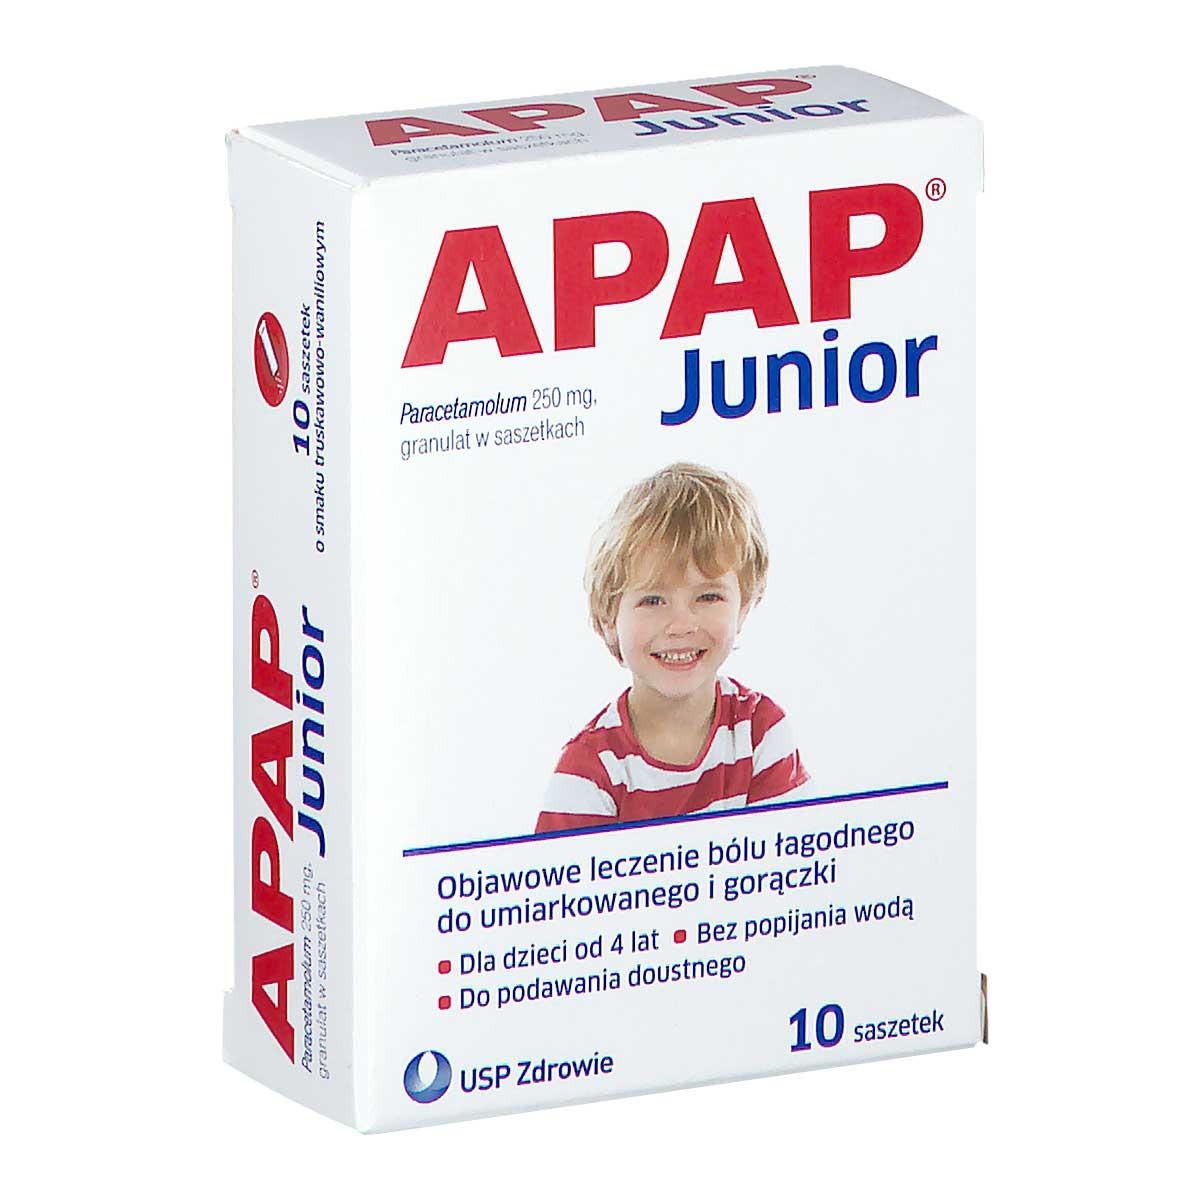 Image of Apap junior saszetki